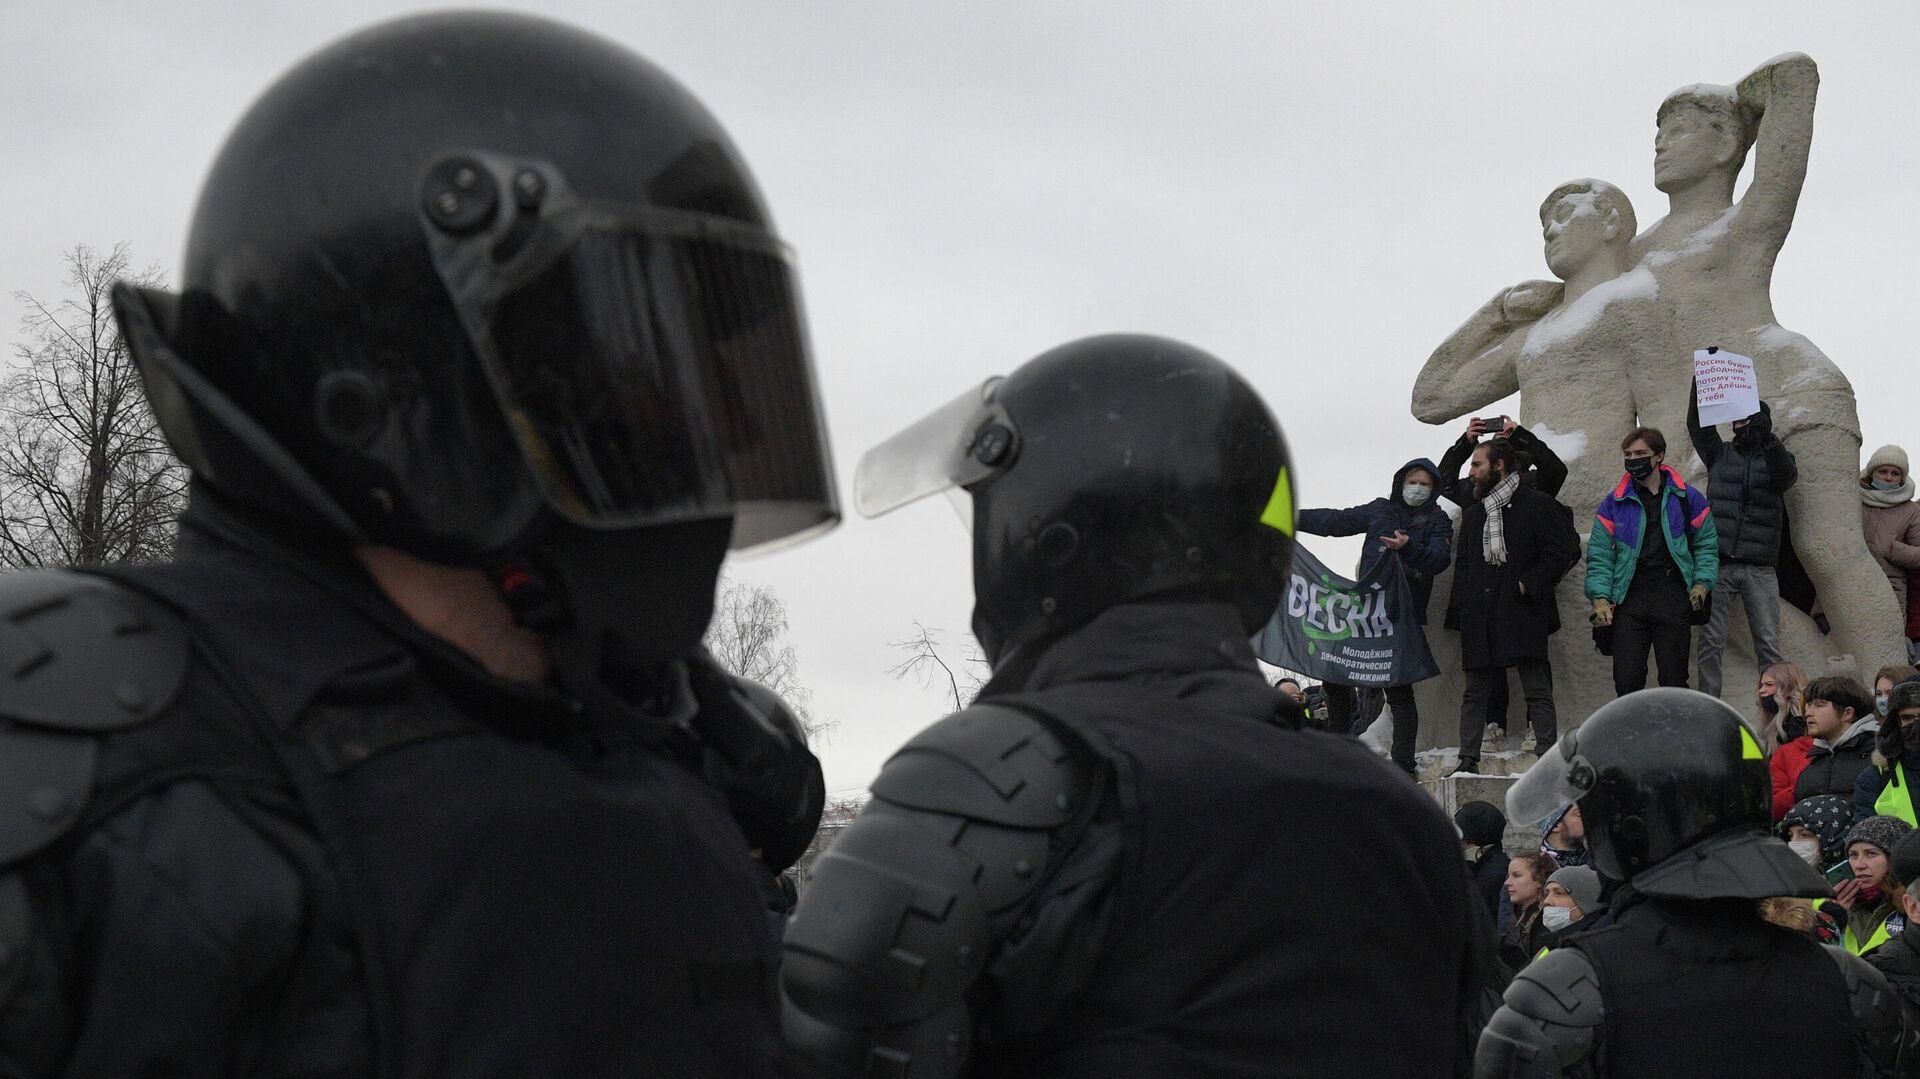 Сотрудники правоохранительных органов и участники несанкционированной акции сторонников Алексея Навального в Санкт-Петербурге - РИА Новости, 1920, 31.01.2021